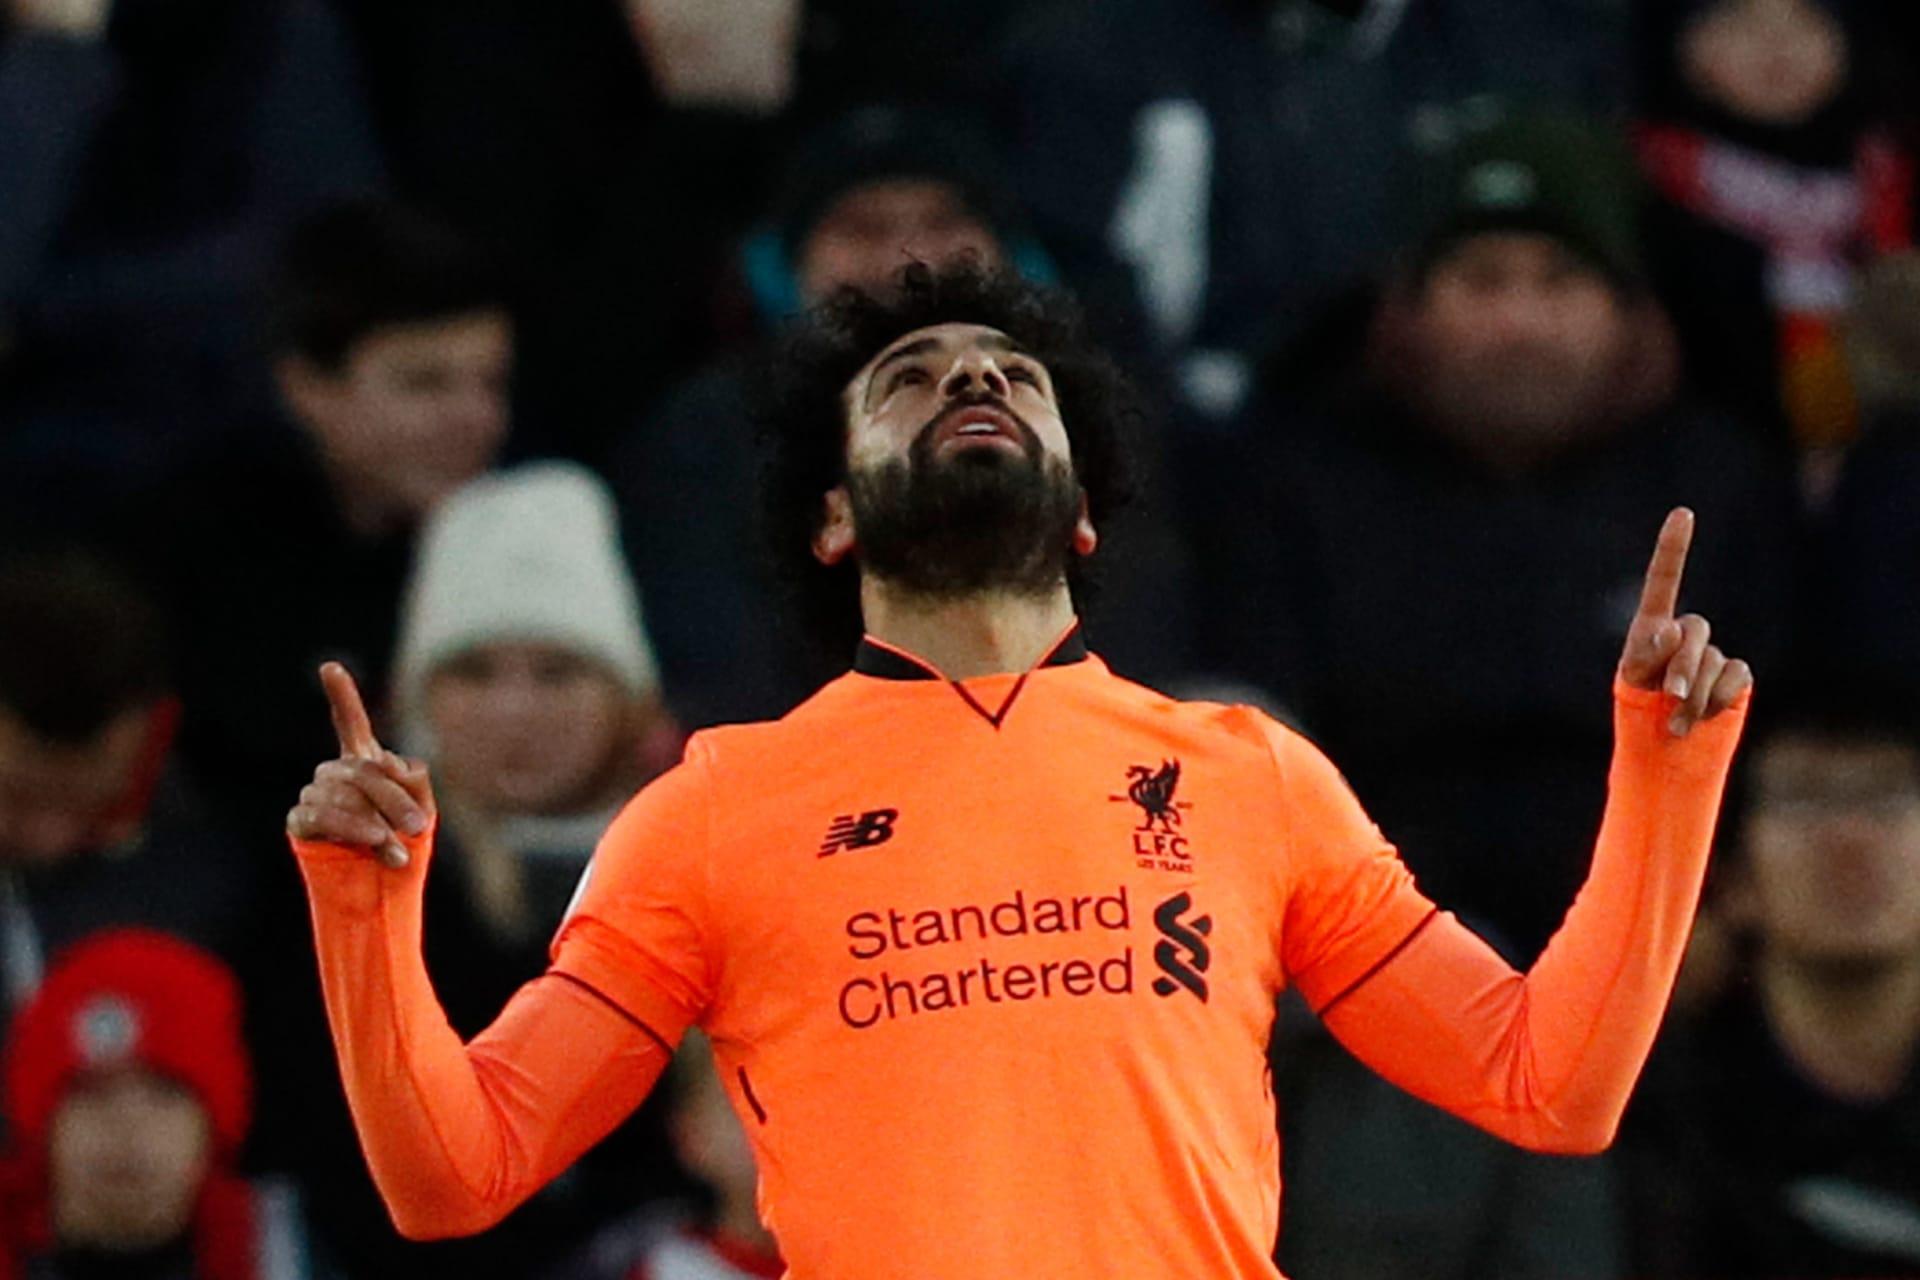 محمد صلاح يحقق رقما تاريخيا مع ليفربول بعد تسجيله الهدف رقم 22